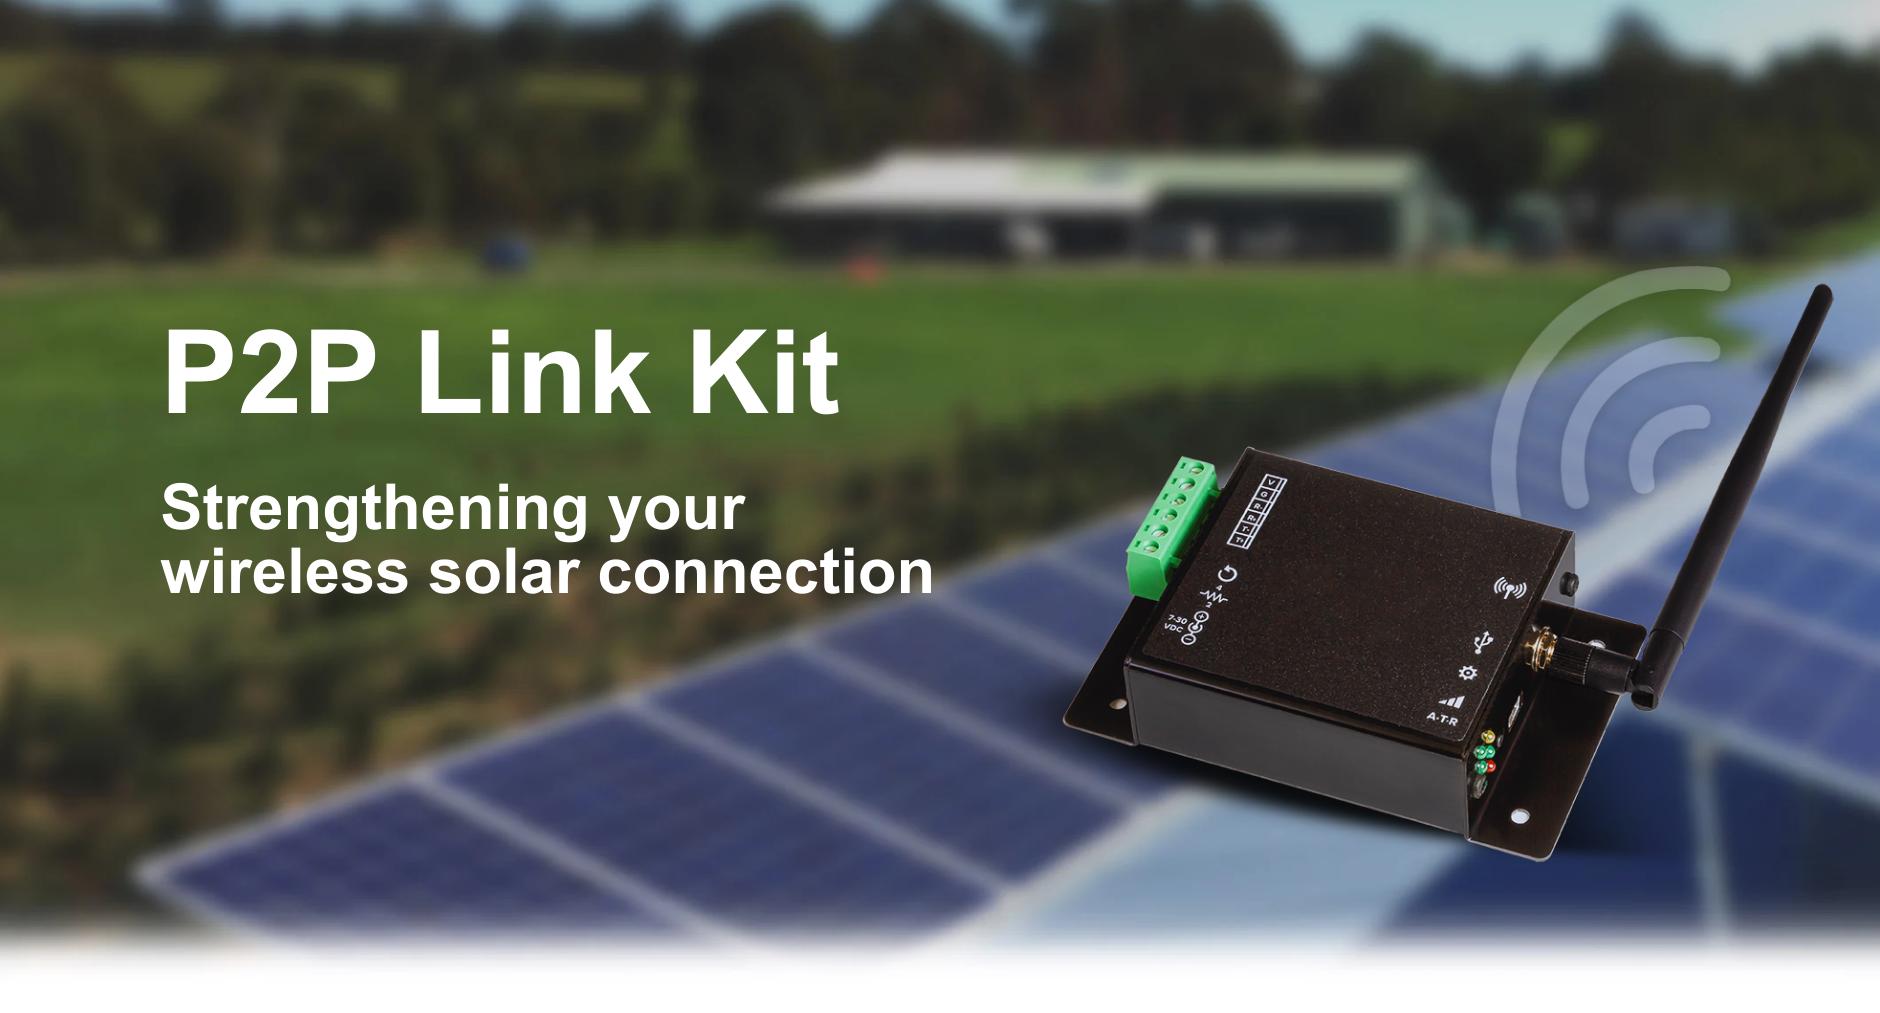 Introducing RFI's P2P Link Kit